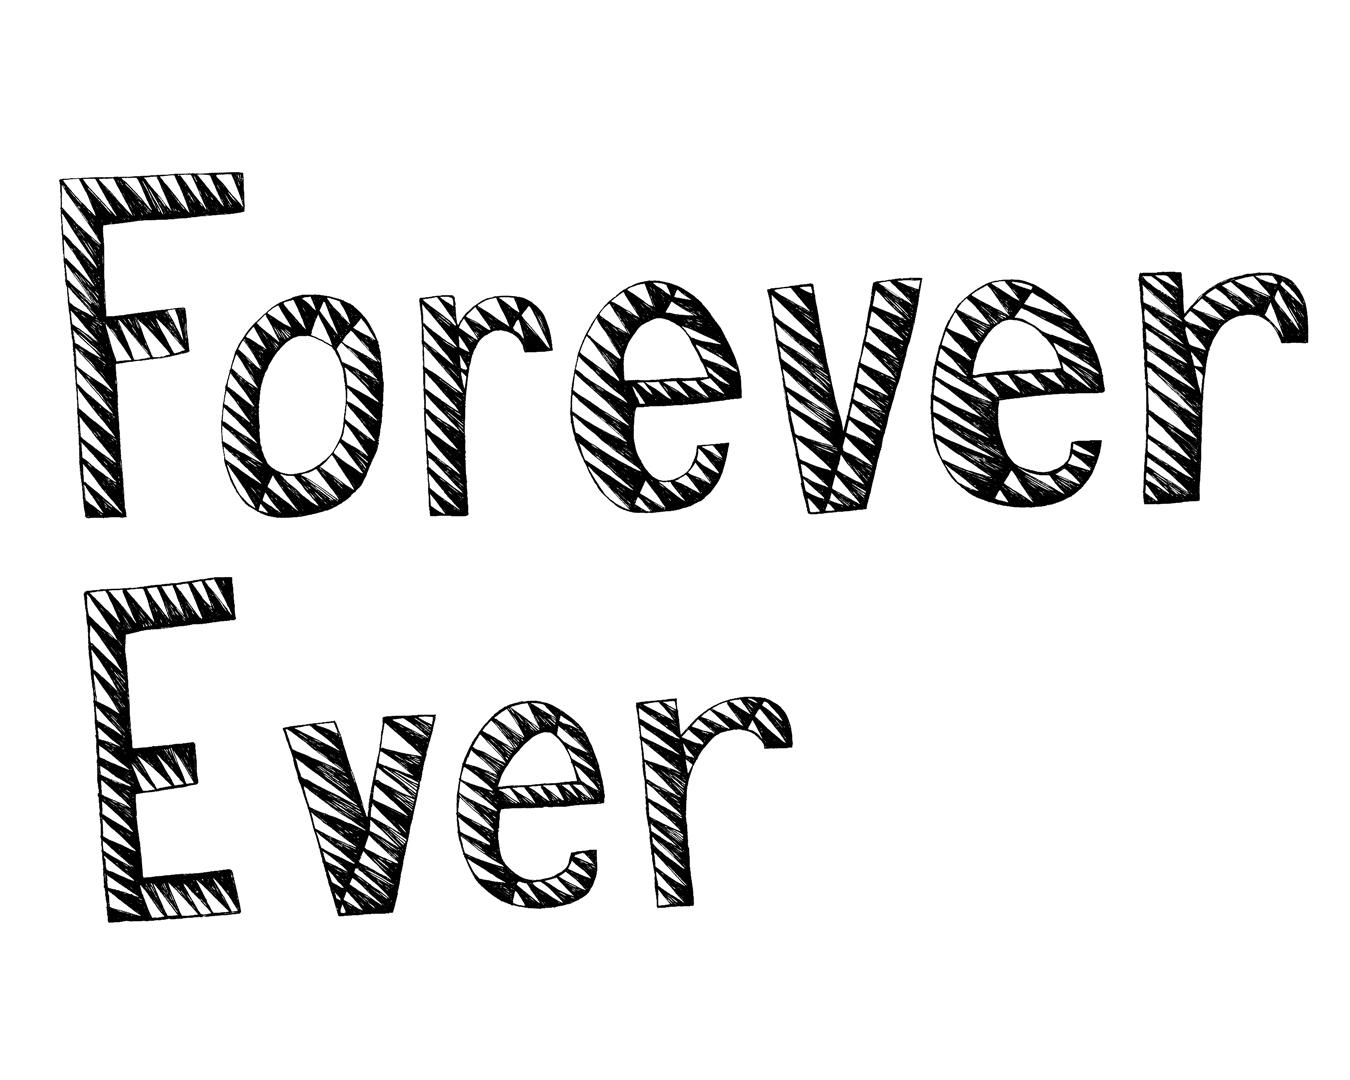 http://2.bp.blogspot.com/-hkPlEvc6oCQ/T0KFwiXqrcI/AAAAAAAACBY/hveXUjZyZn0/s1600/Forever-Ever.jpg